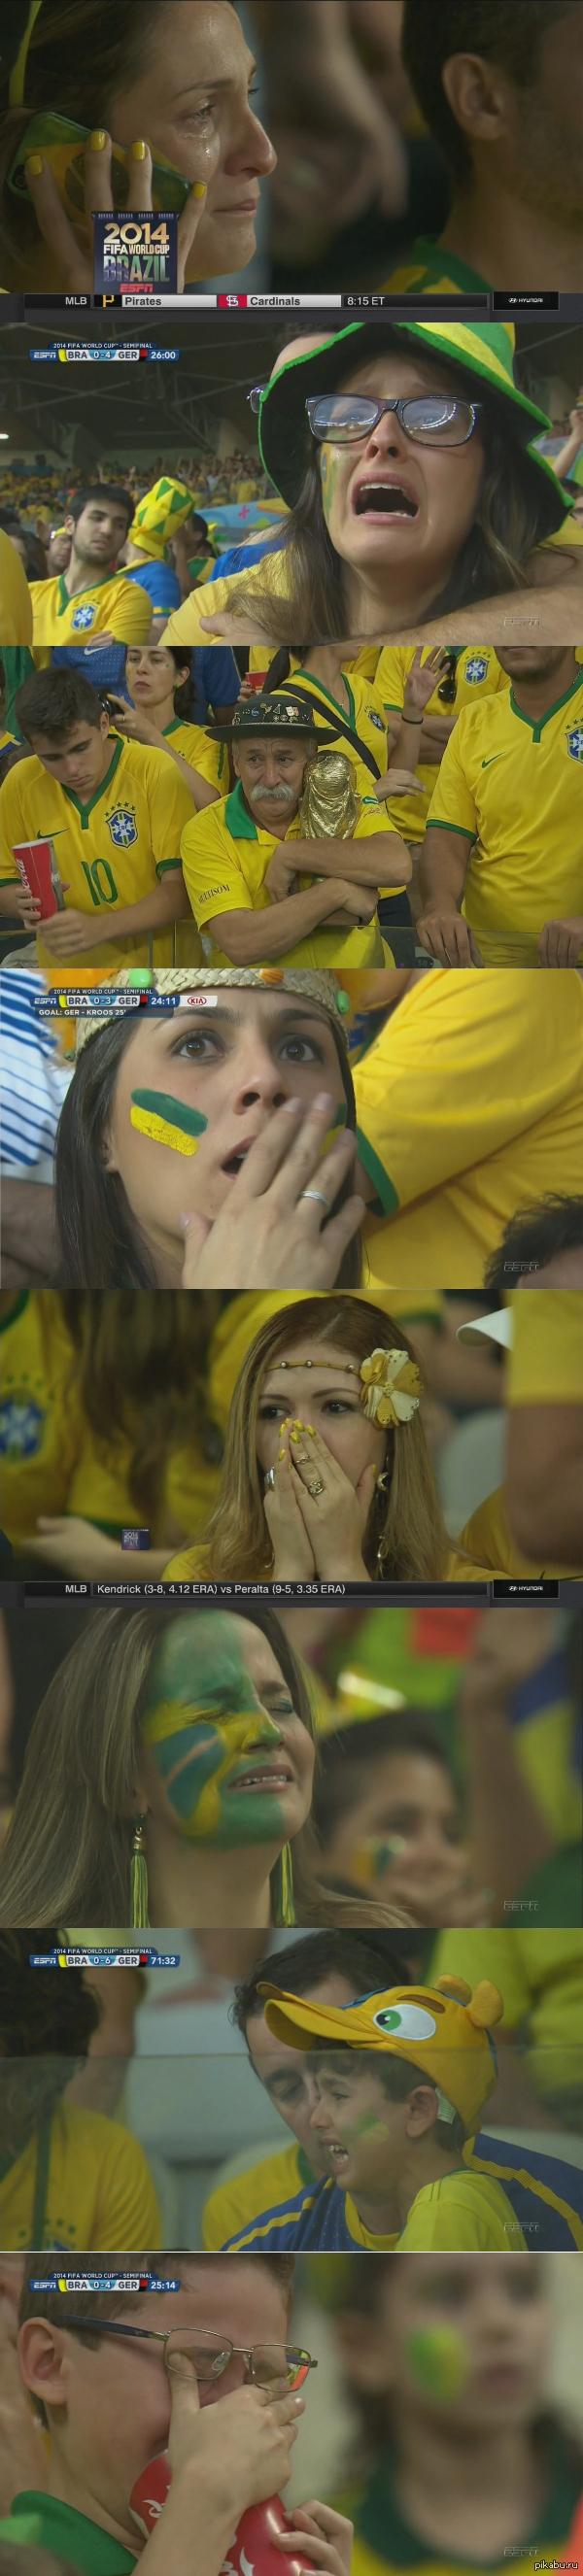 Эмоции бразильских болельщиков во время матча Бразилия - Германия немного длиннопост  Бразилия-Германия, ЧМ 2014, эмоции, футбол, немного длиннопост